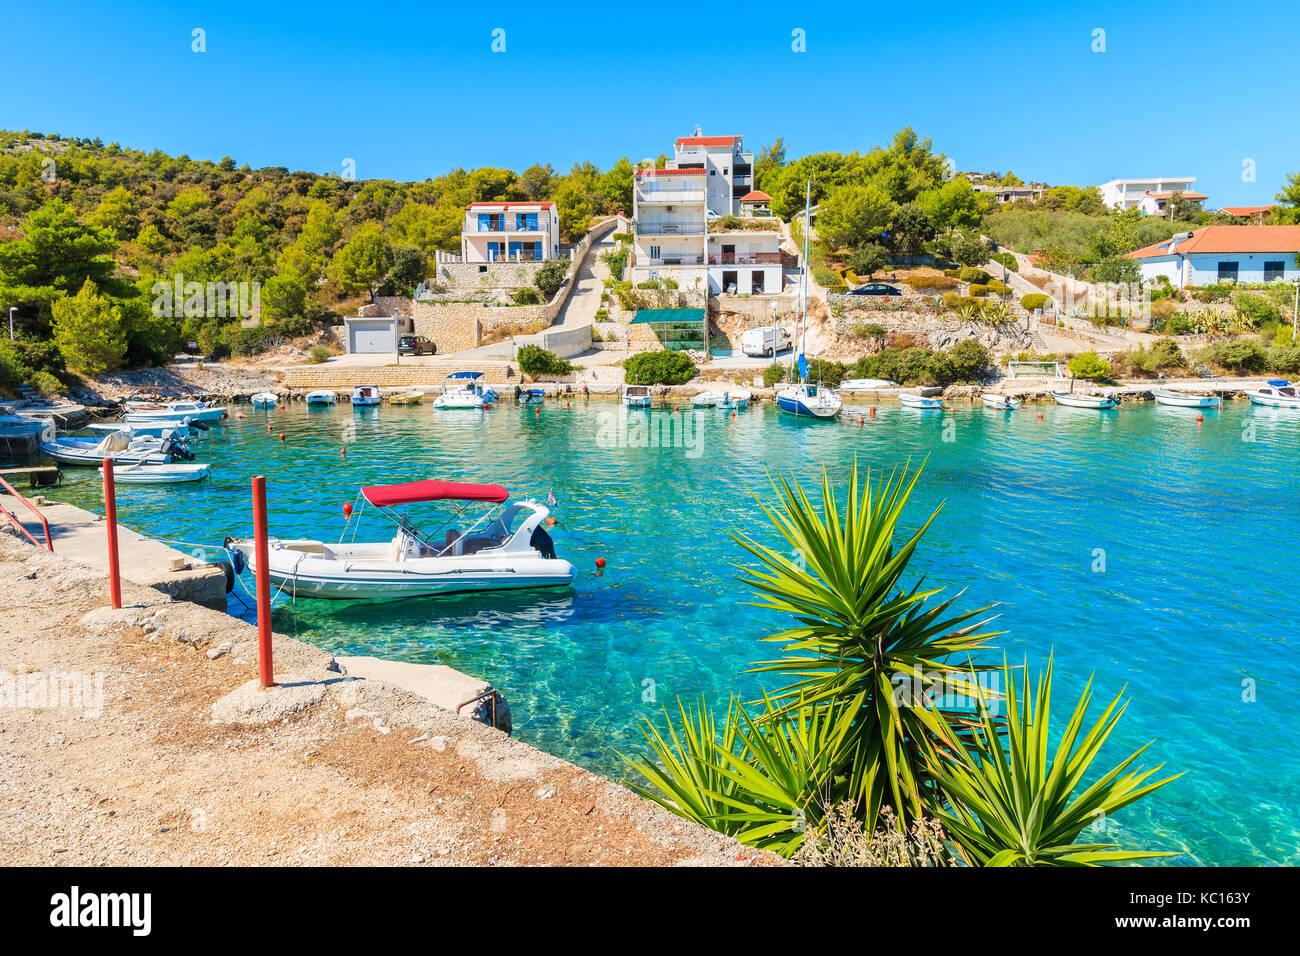 e6ae2a4ed1b755 Boote ankern in einer schönen Bucht mit türkisblauem Meer Wasser in Razanj  port